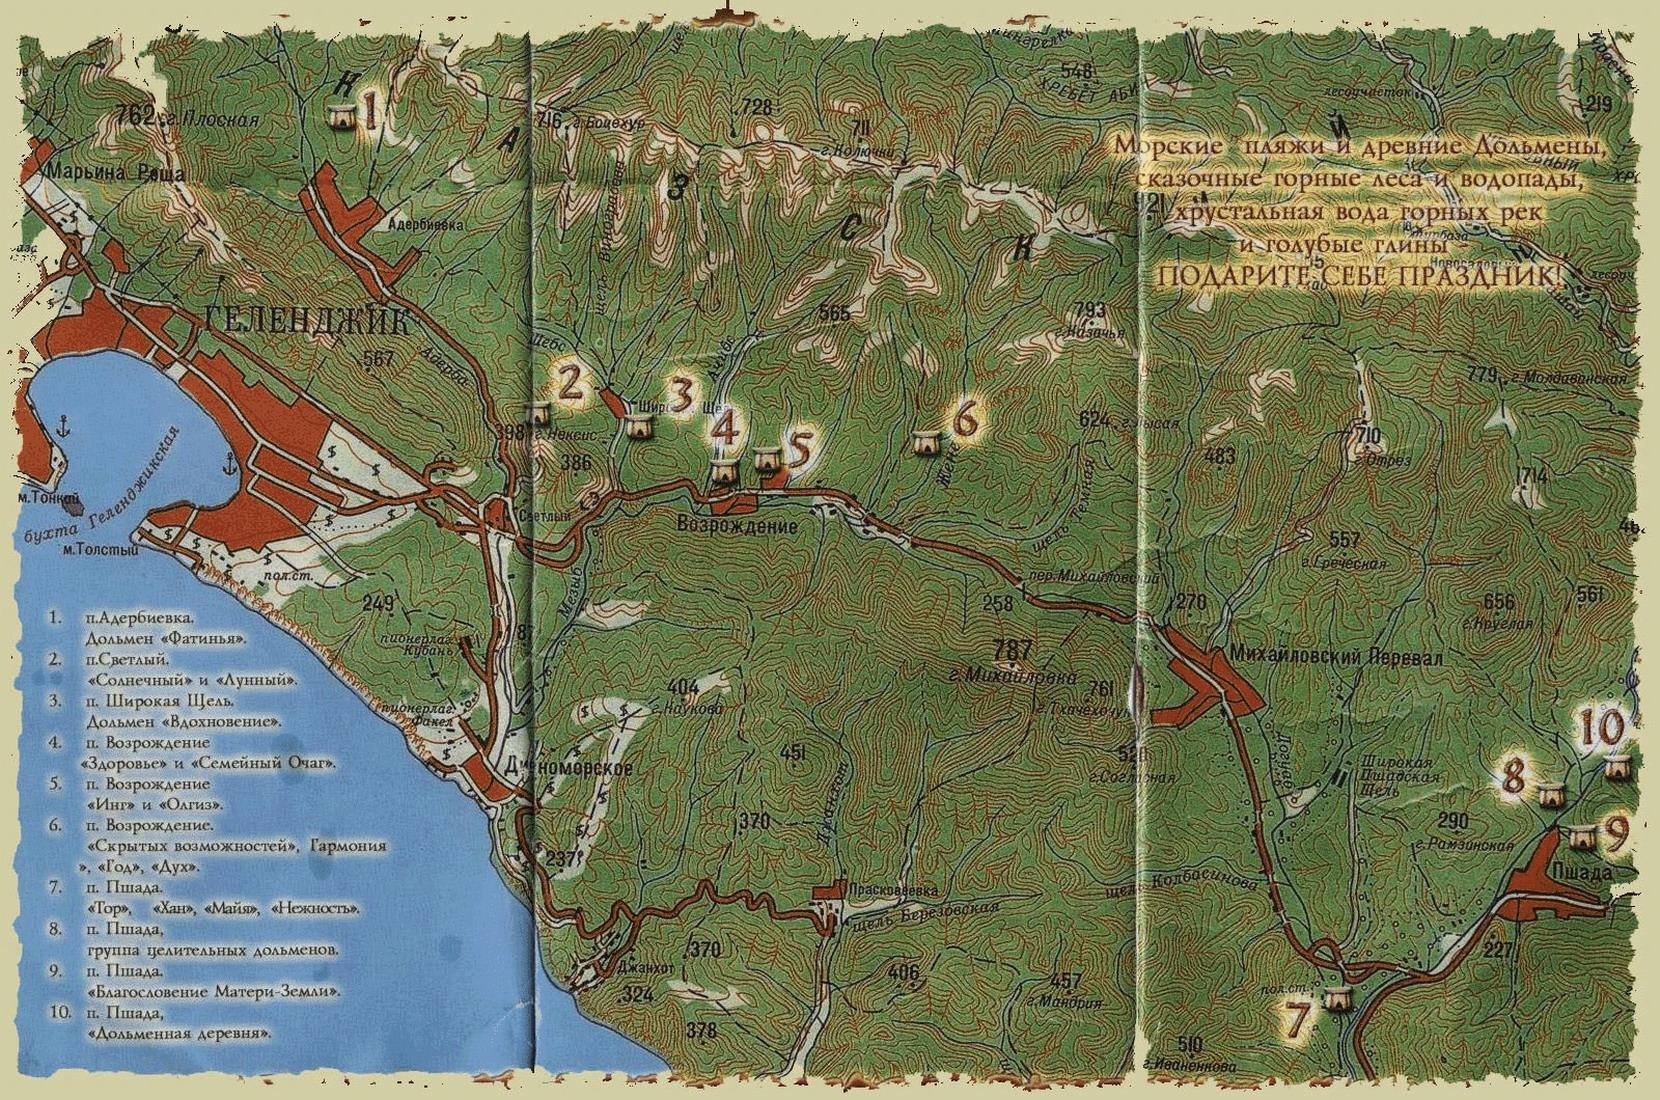 Карта дольменов Геленджика